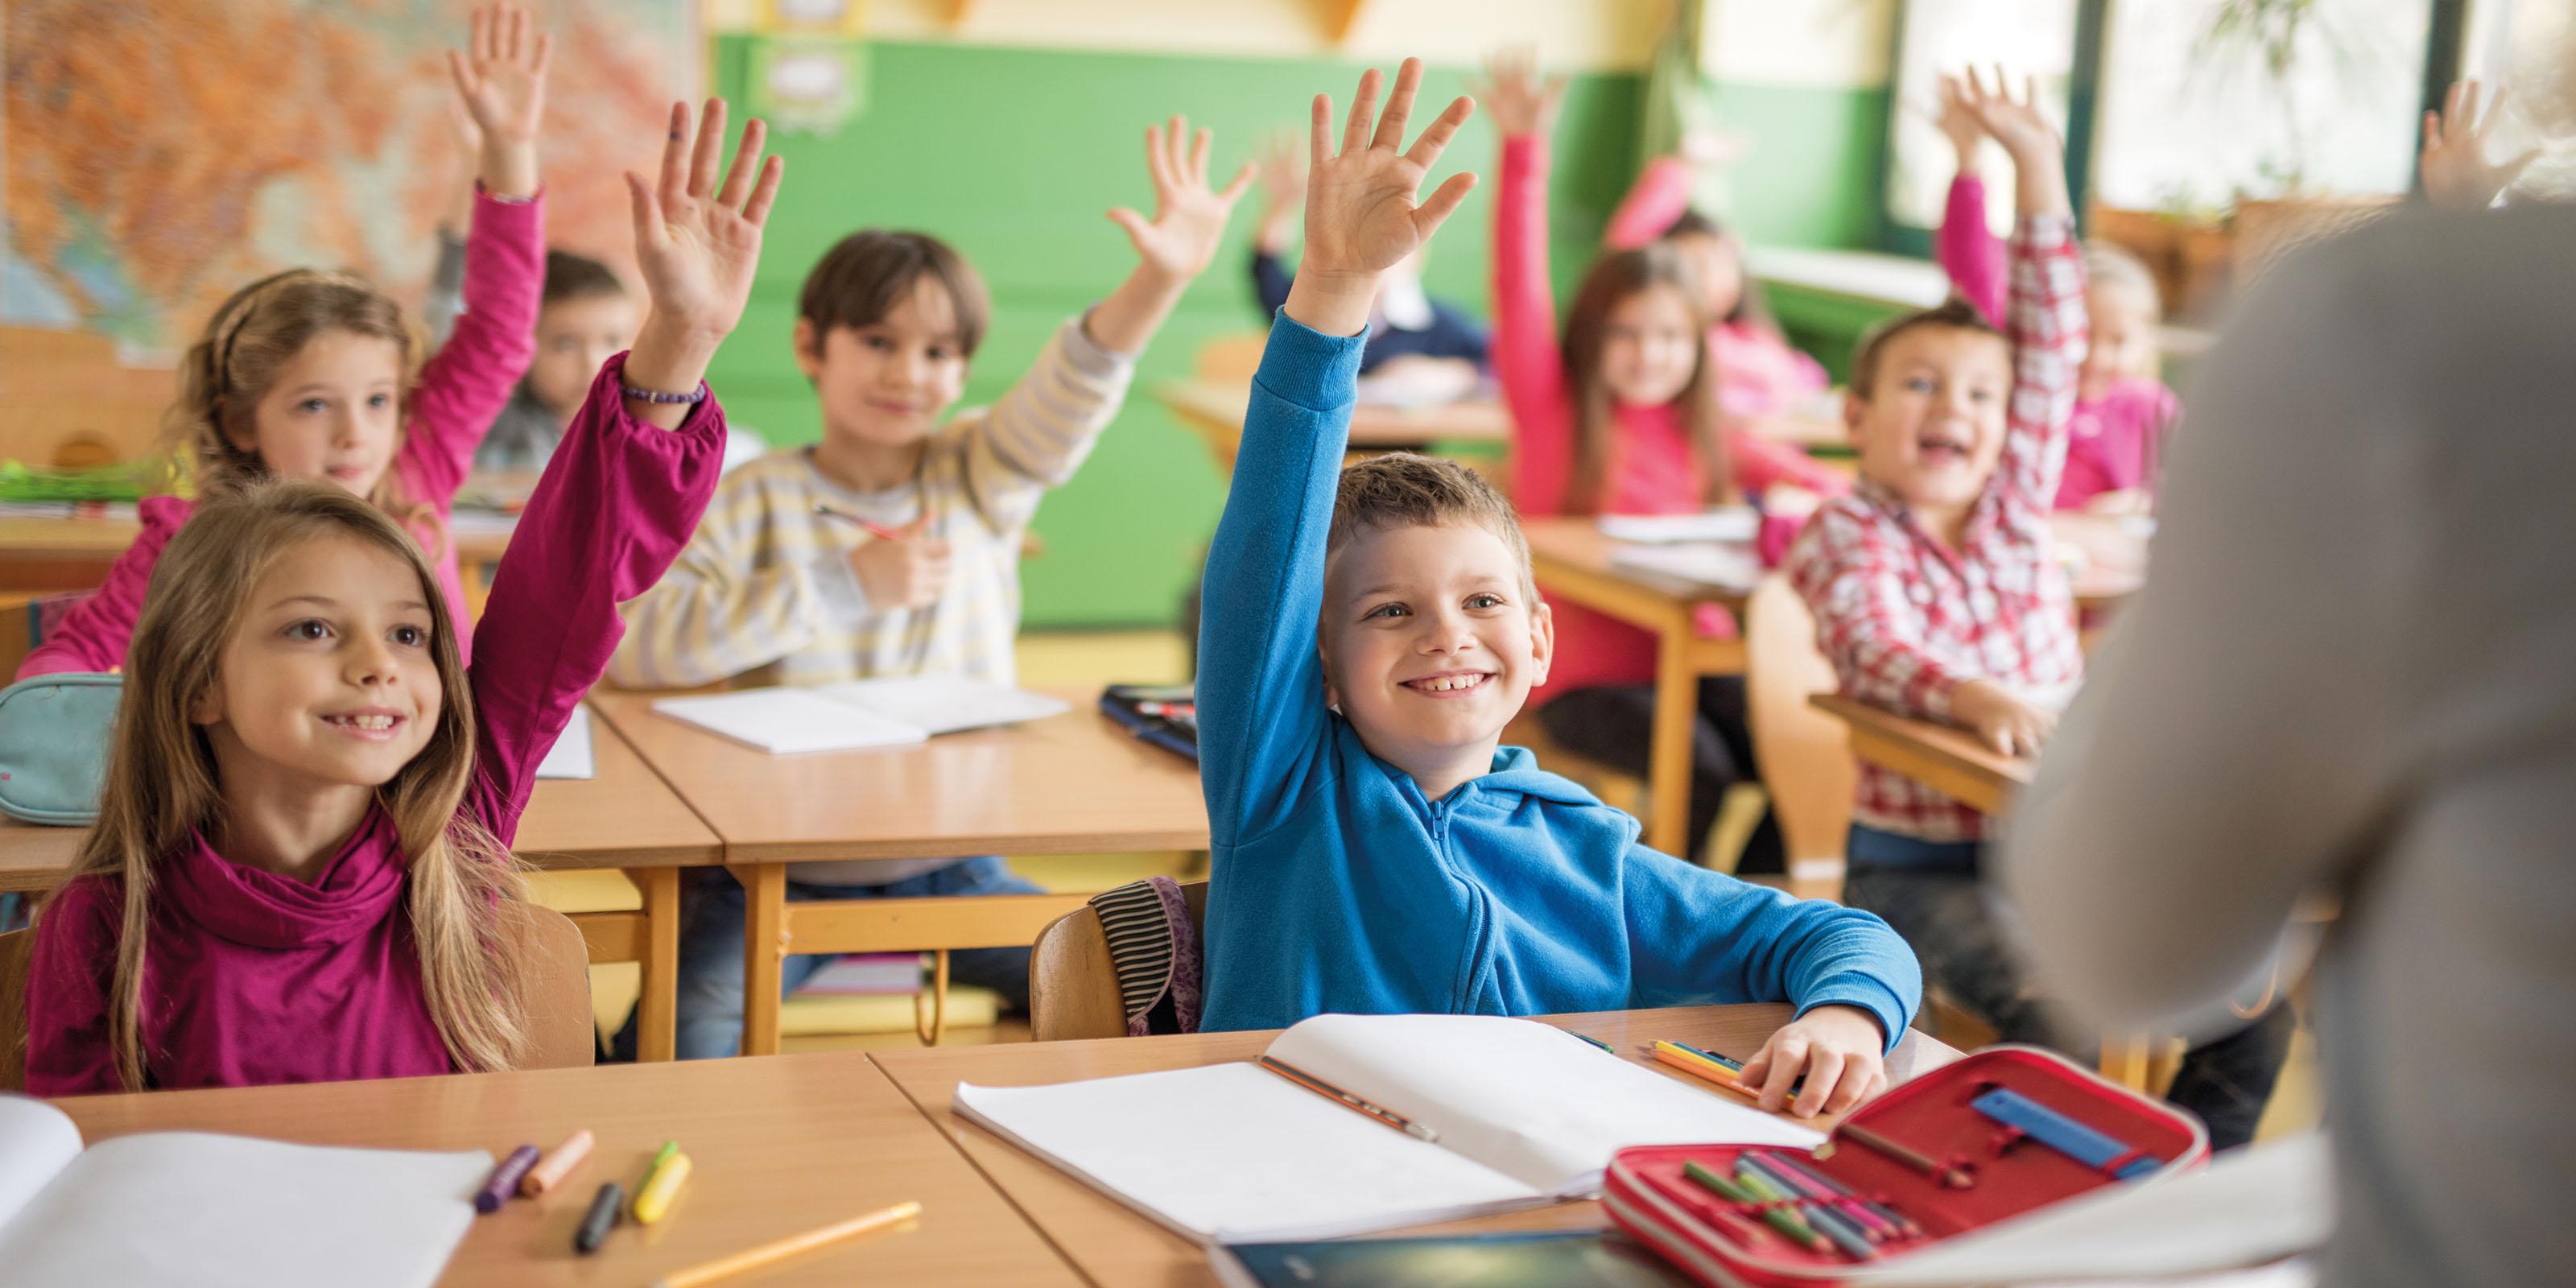 Eifrige Schüler, die sich im Unterricht melden.